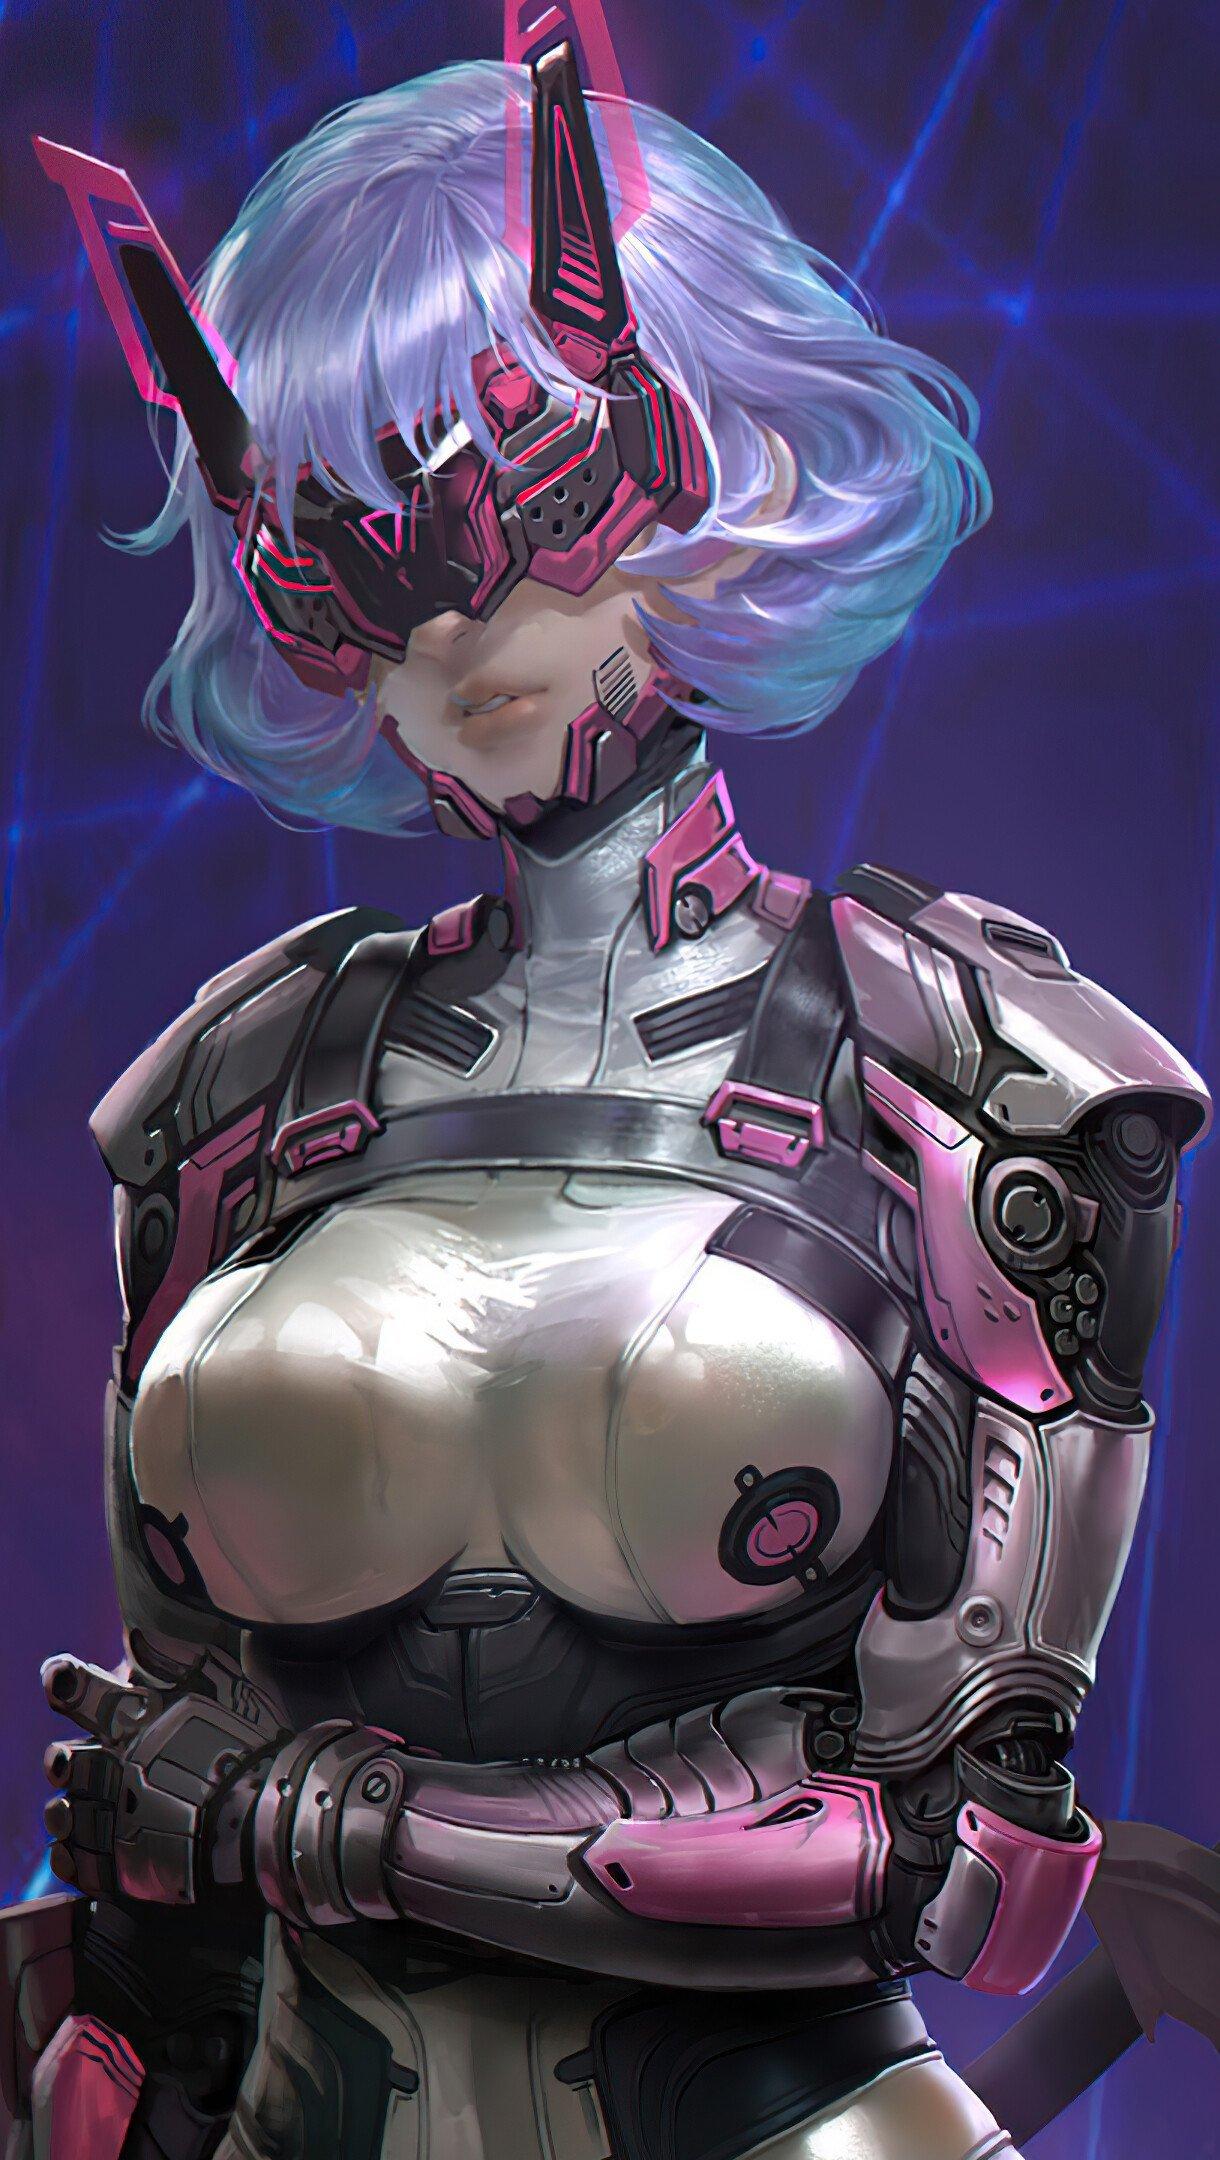 Fondos de pantalla Chica guerrera estilo cyberpunk Vertical